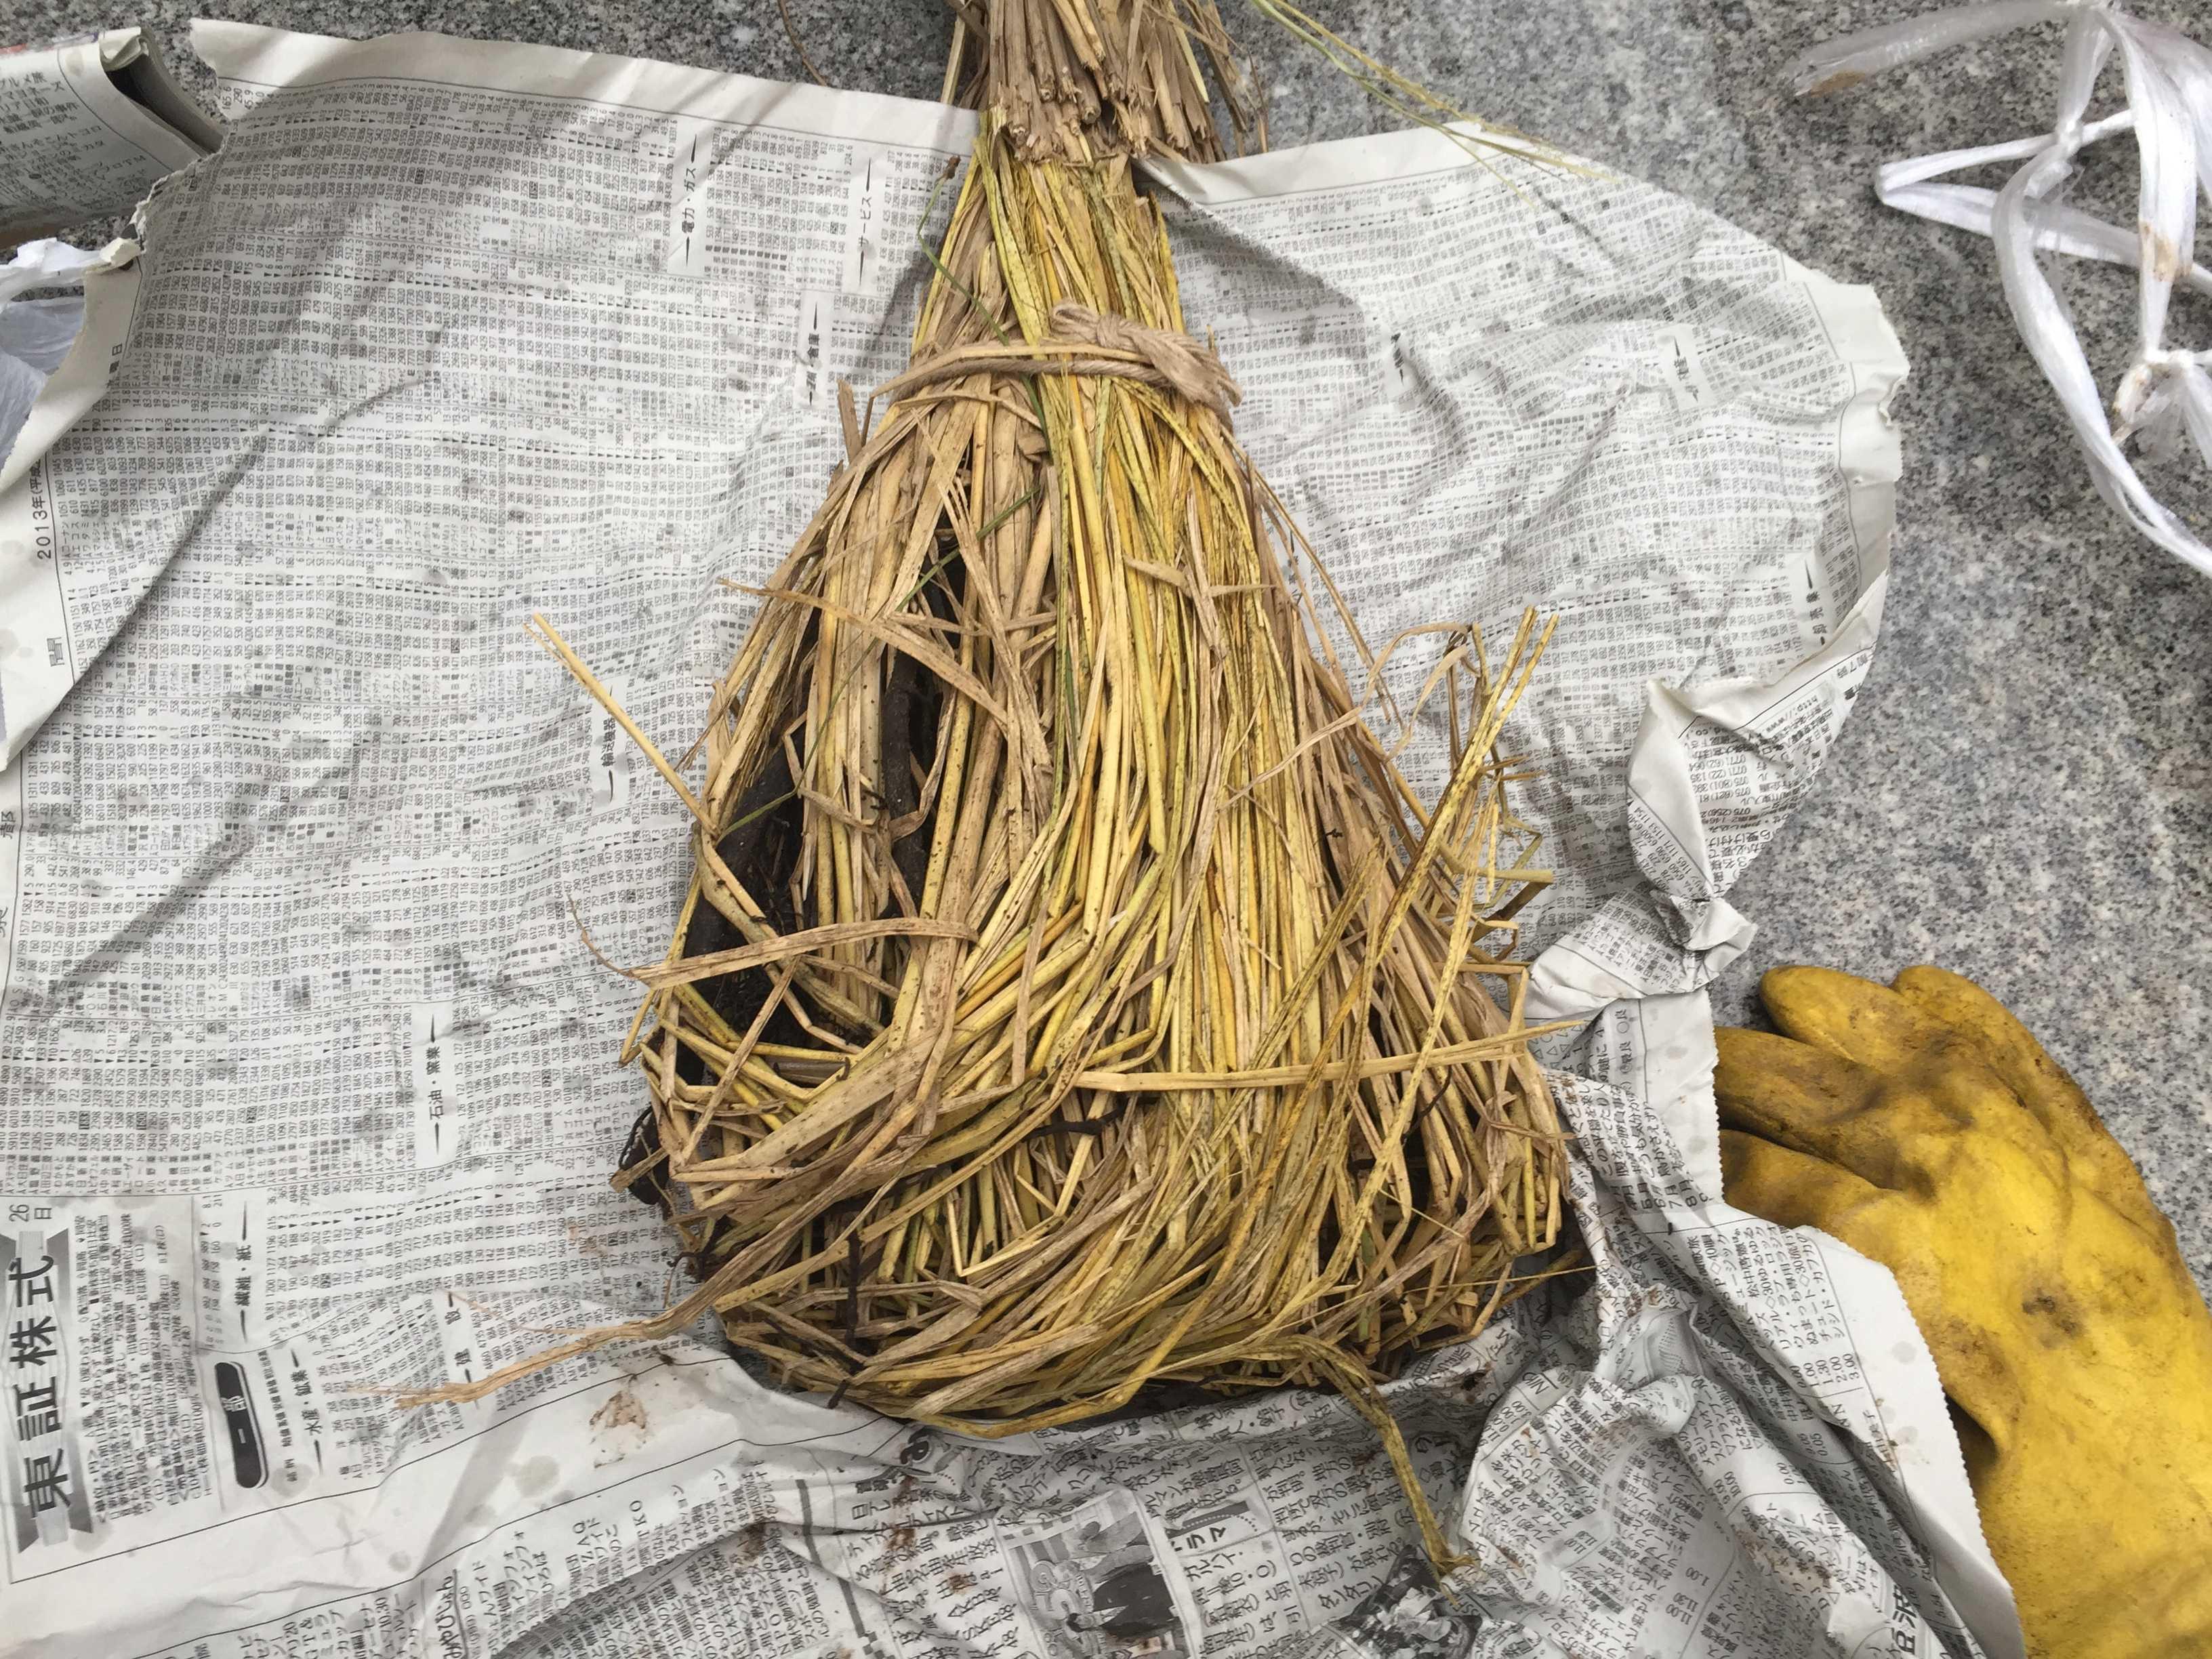 禅寺丸柿の苗木の根っこ